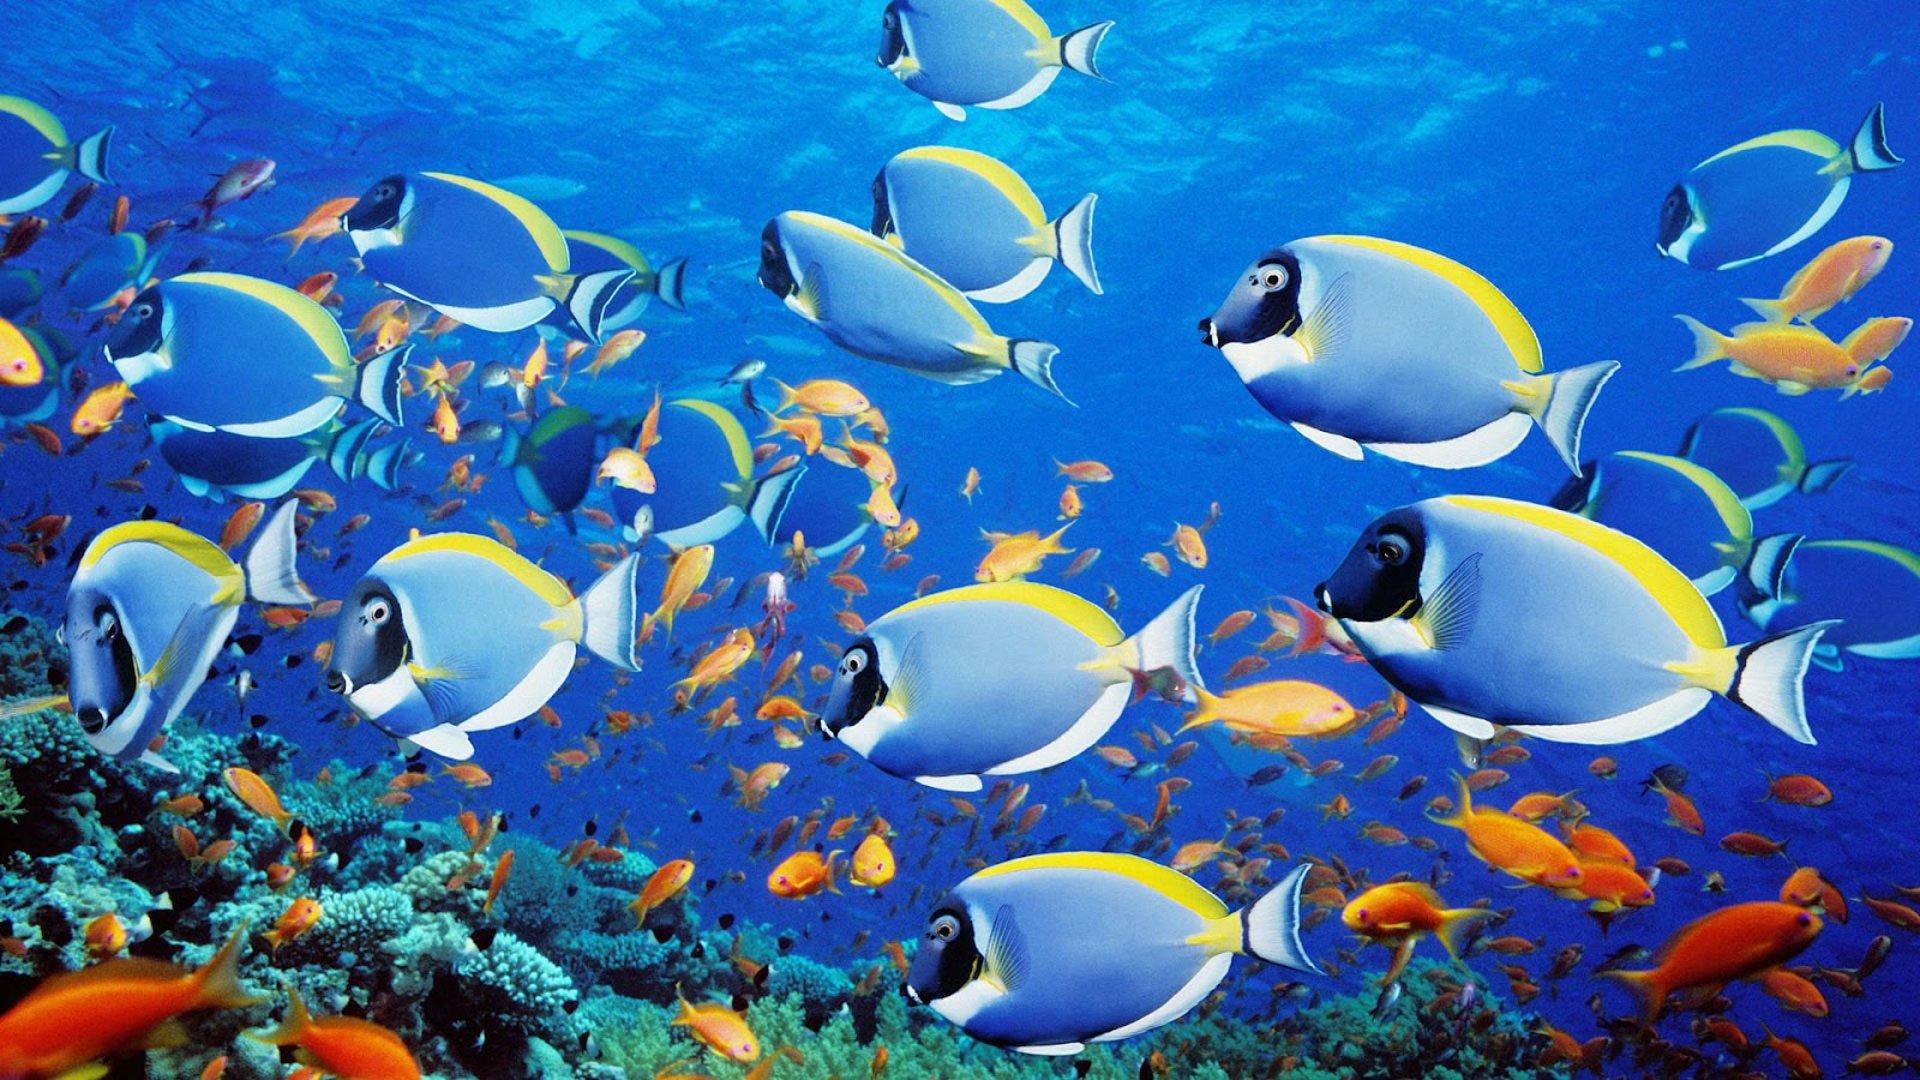 Днем, картинки на рабочий стол рыбки живые они двигаются